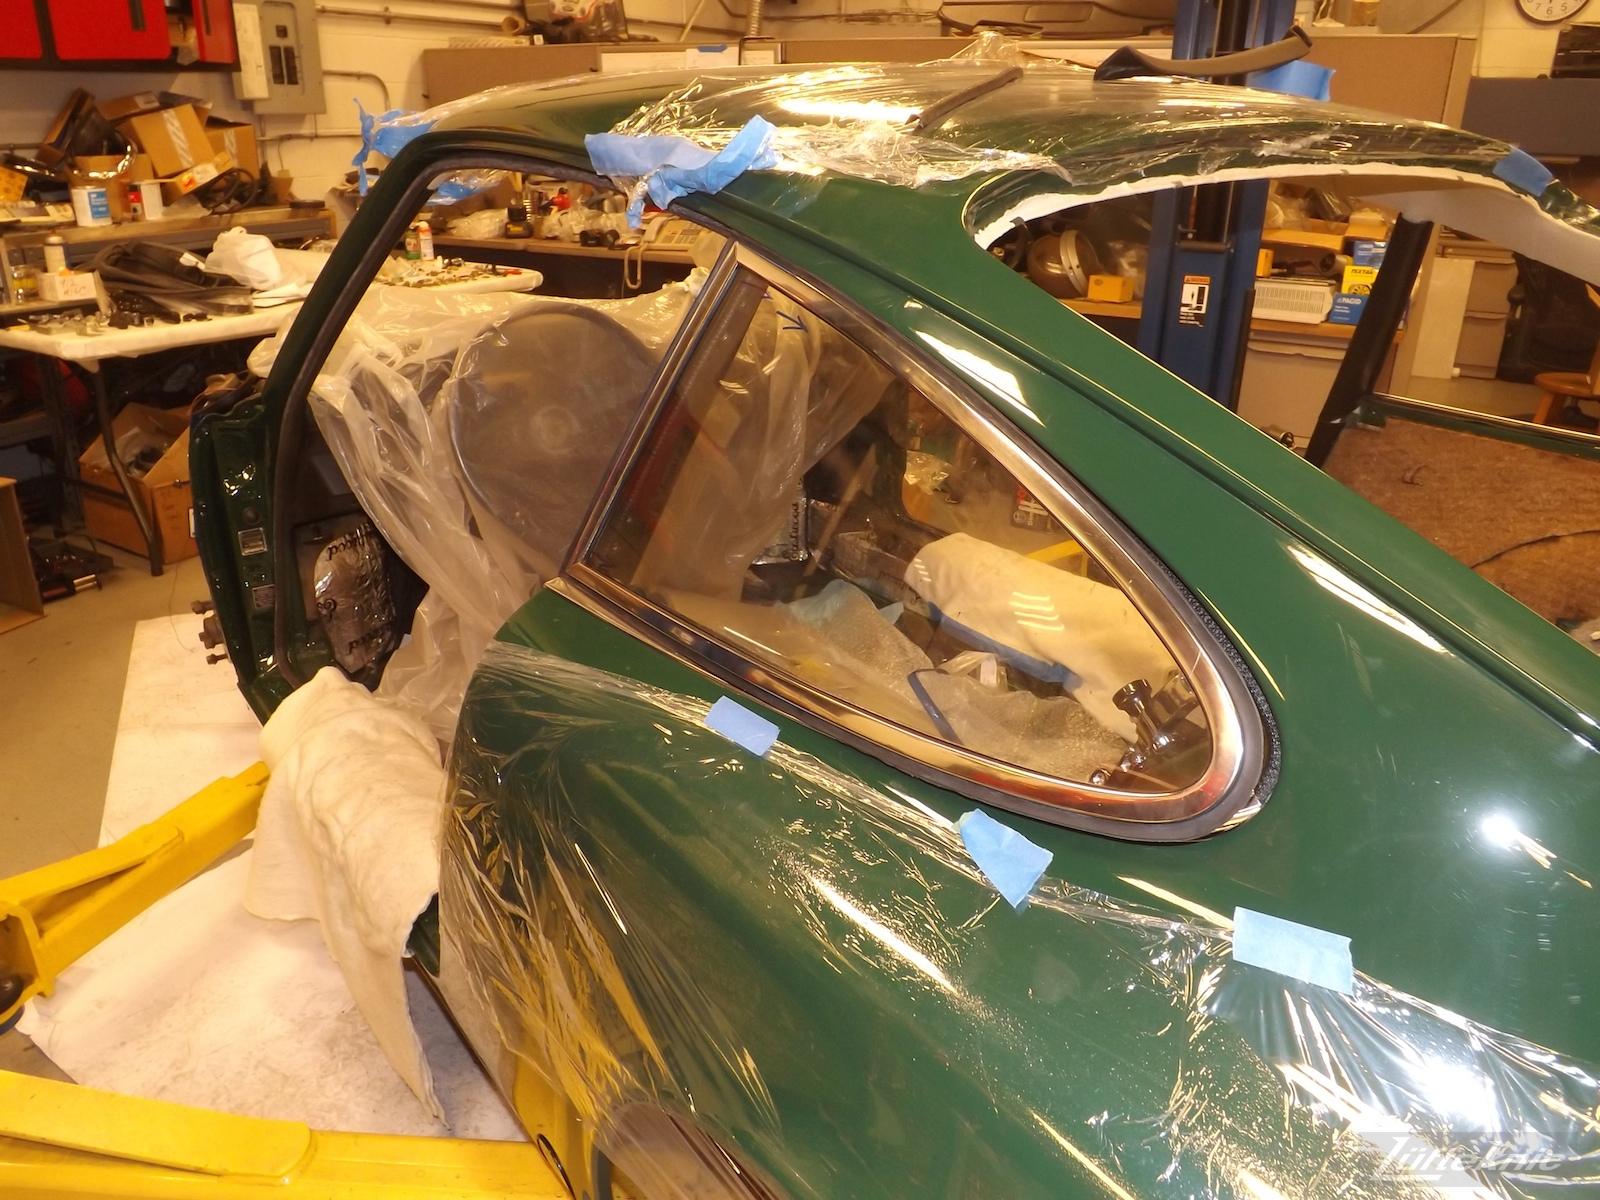 Window installation on an Irish Green Porsche 912 undergoing restoration at Lufteknic.